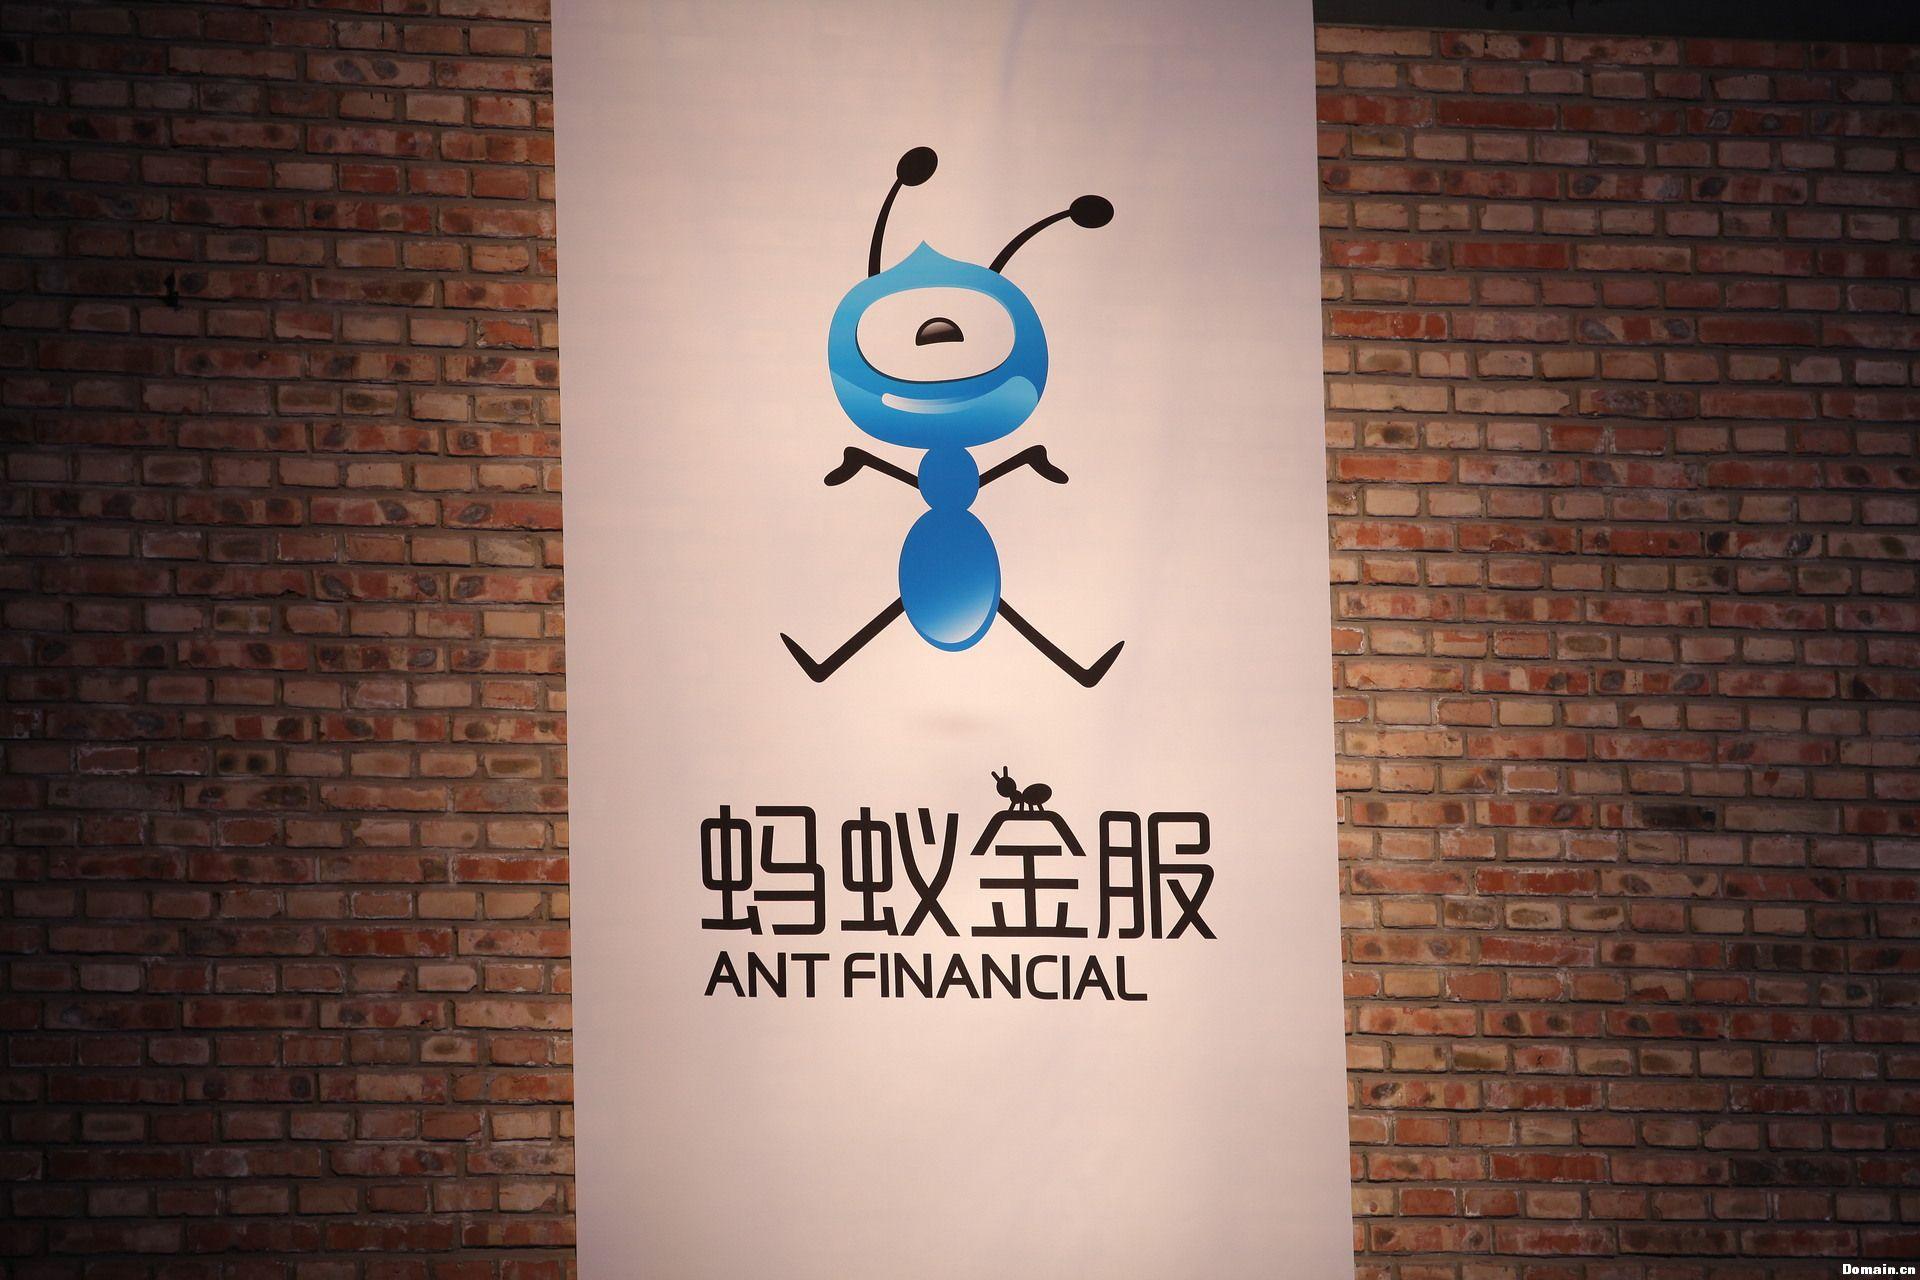 外媒曝蚂蚁金服或寻求30亿美元融资 拓展海外业务